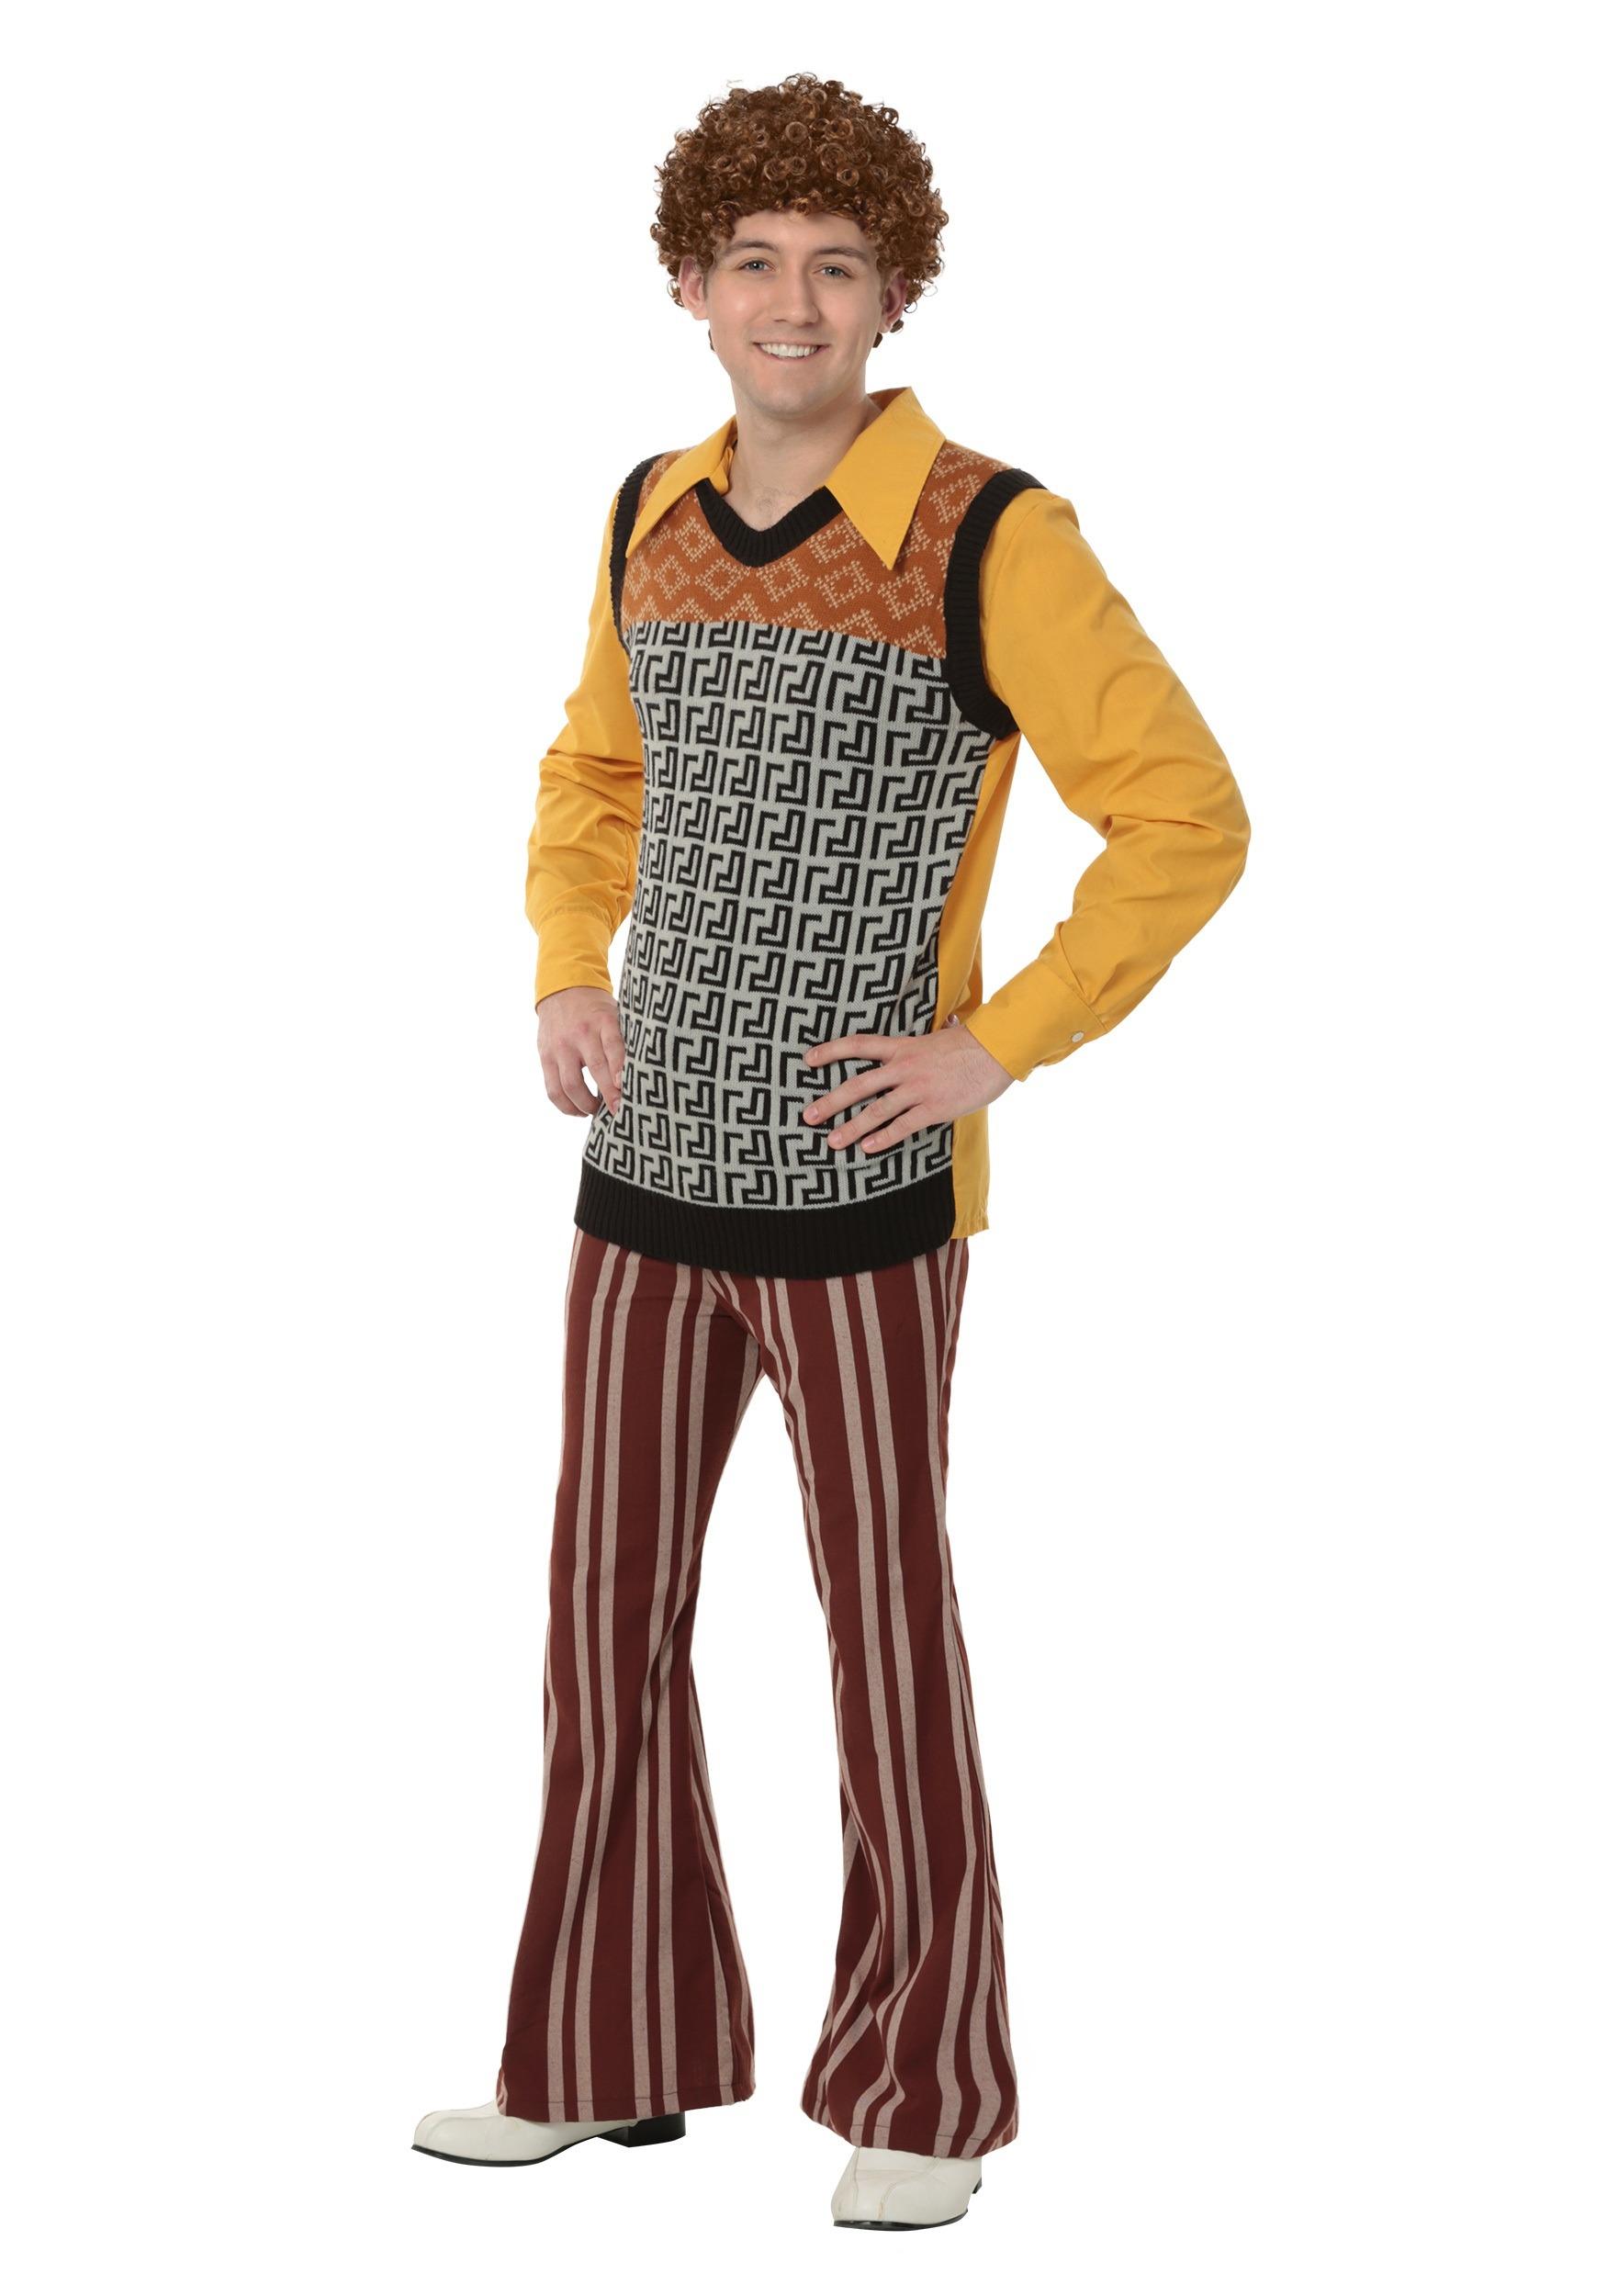 Mens 70s Costume  sc 1 st  Fun.com & 70s Costume for Men